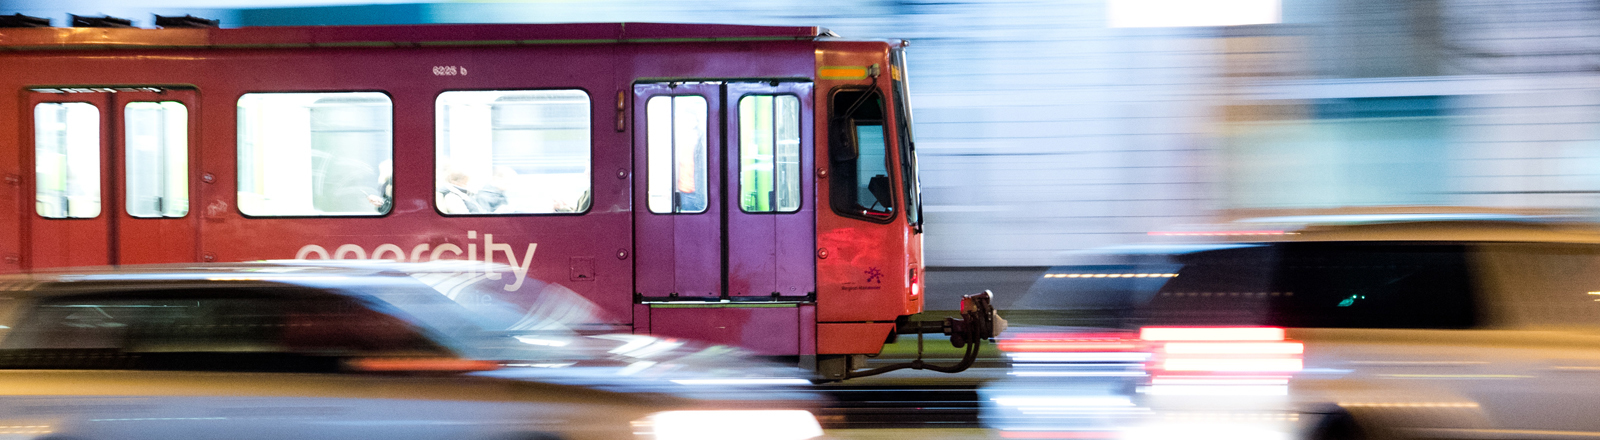 Straßenbahn im abendlichen Verkehr